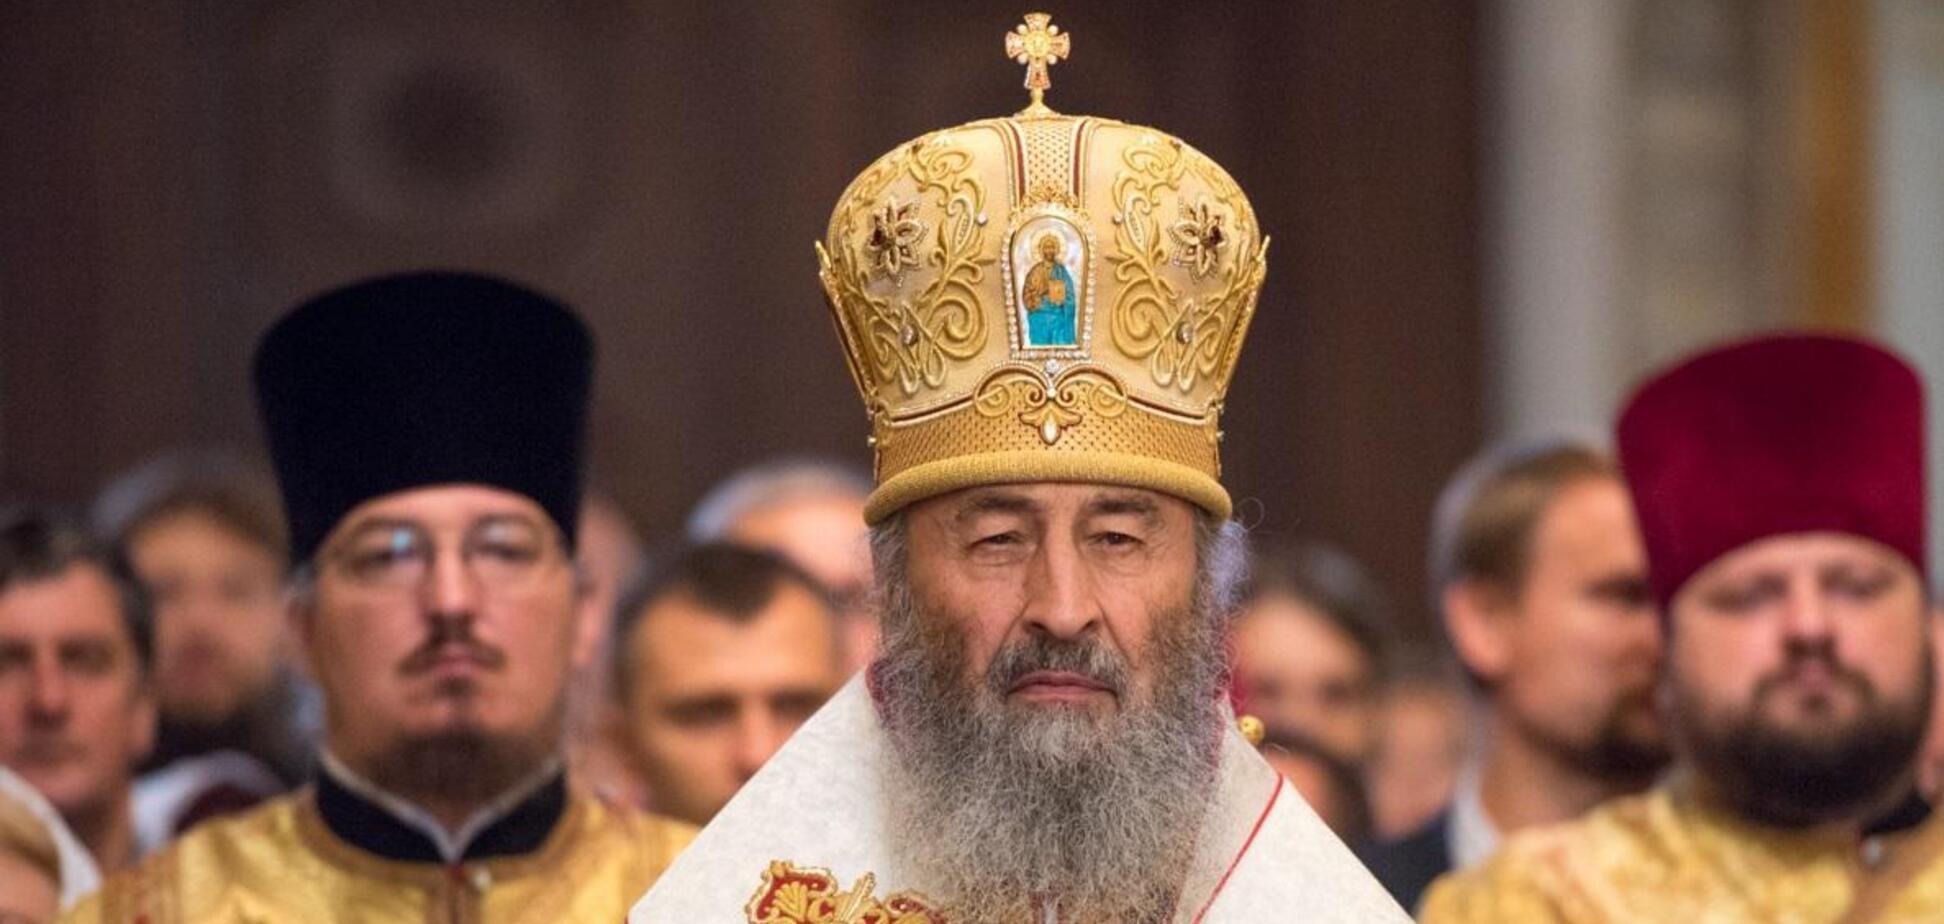 Митрополит Онуфрій привітав українців зі святом Великодня